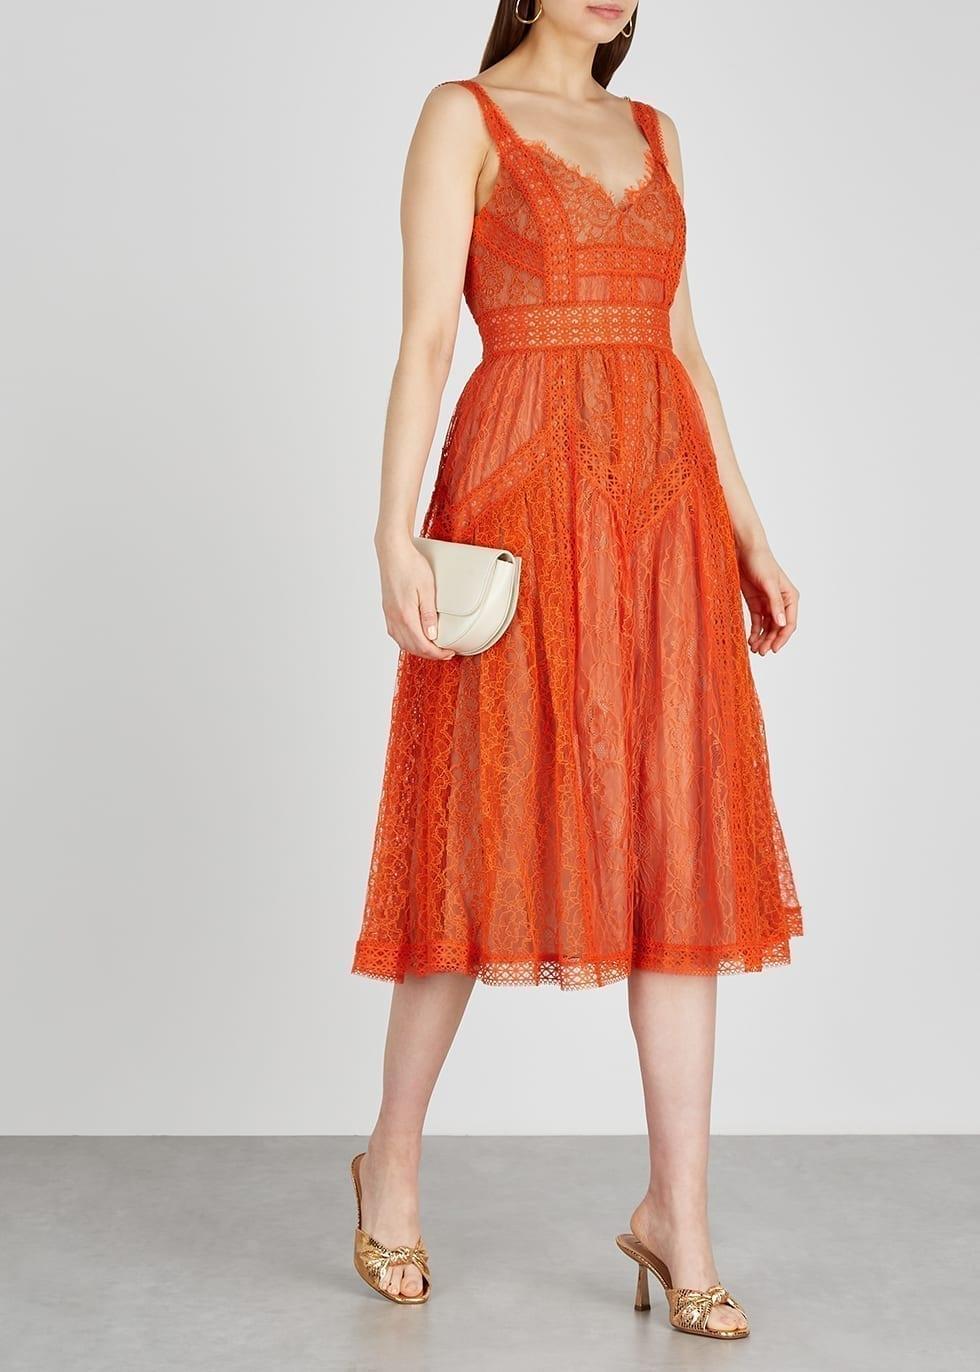 SELF-PORTRAIT Orange Guipure Lace Midi Dress